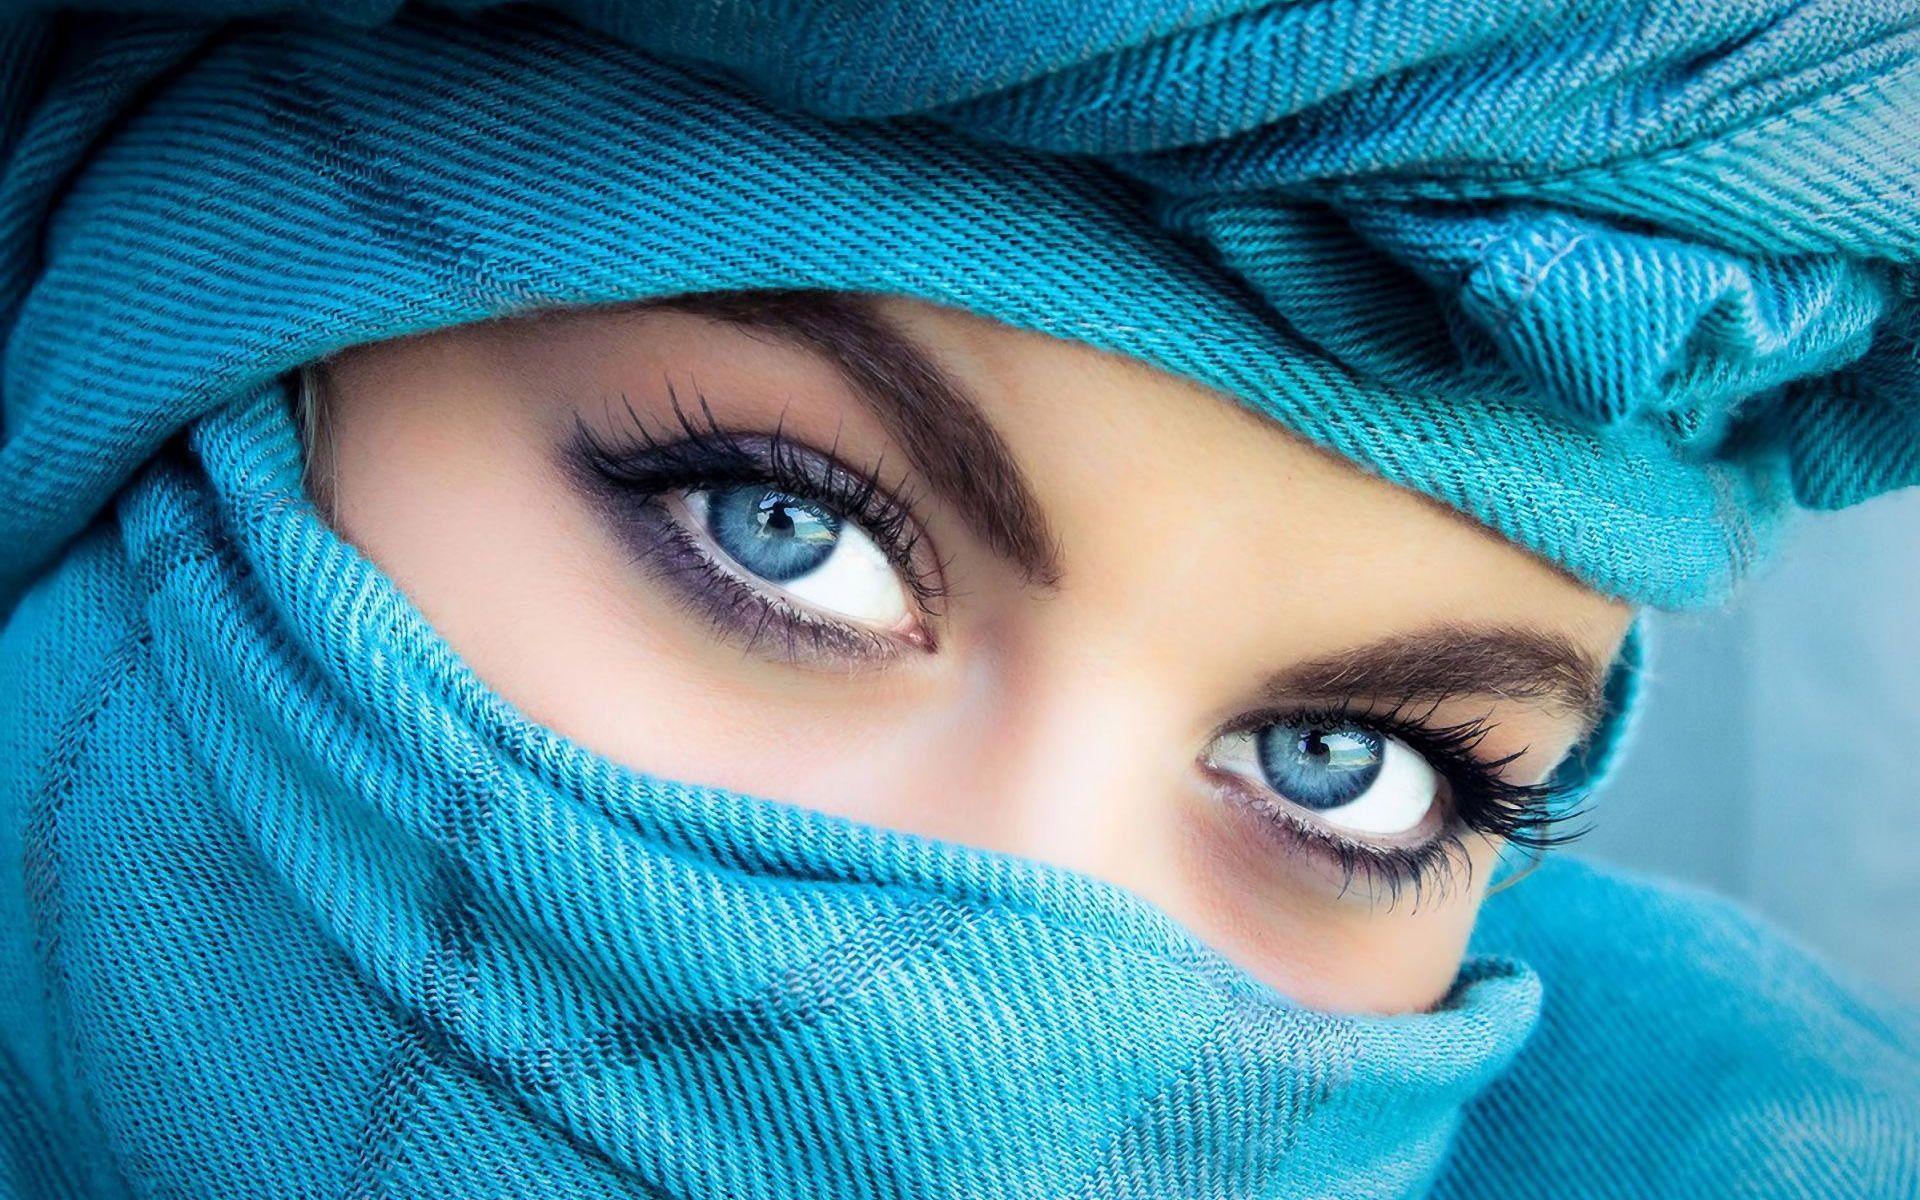 بالصور عيون زرقاء , صور لاجمل العيون الملونة 3586 1